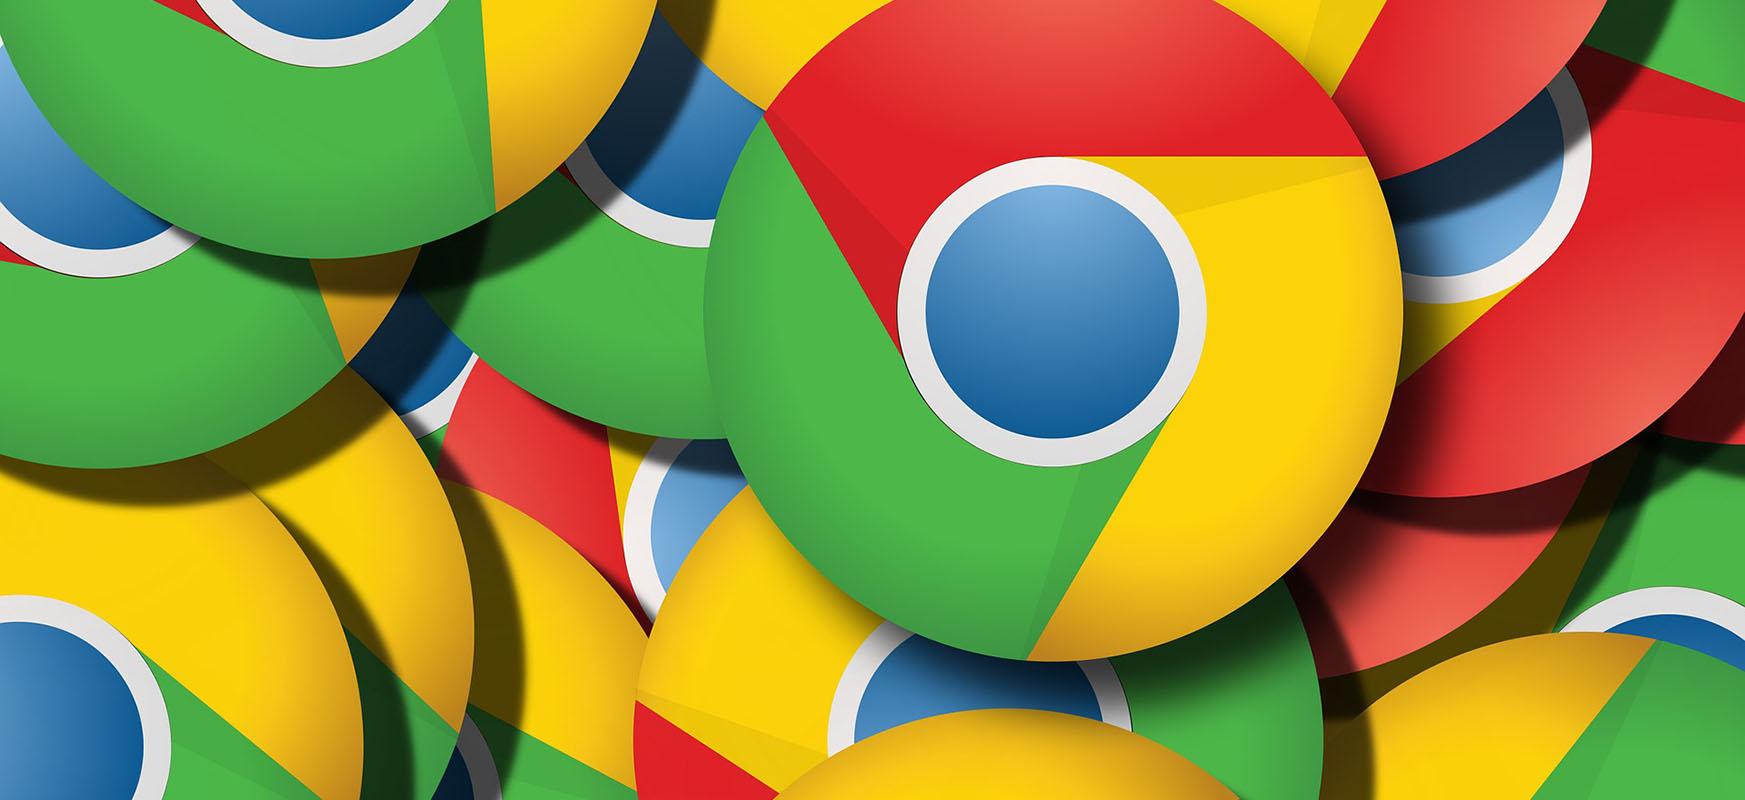 Windows 2004ko 2004an Chrome hondatu zen.  Google arakatzaileak memoria arazoak ditu